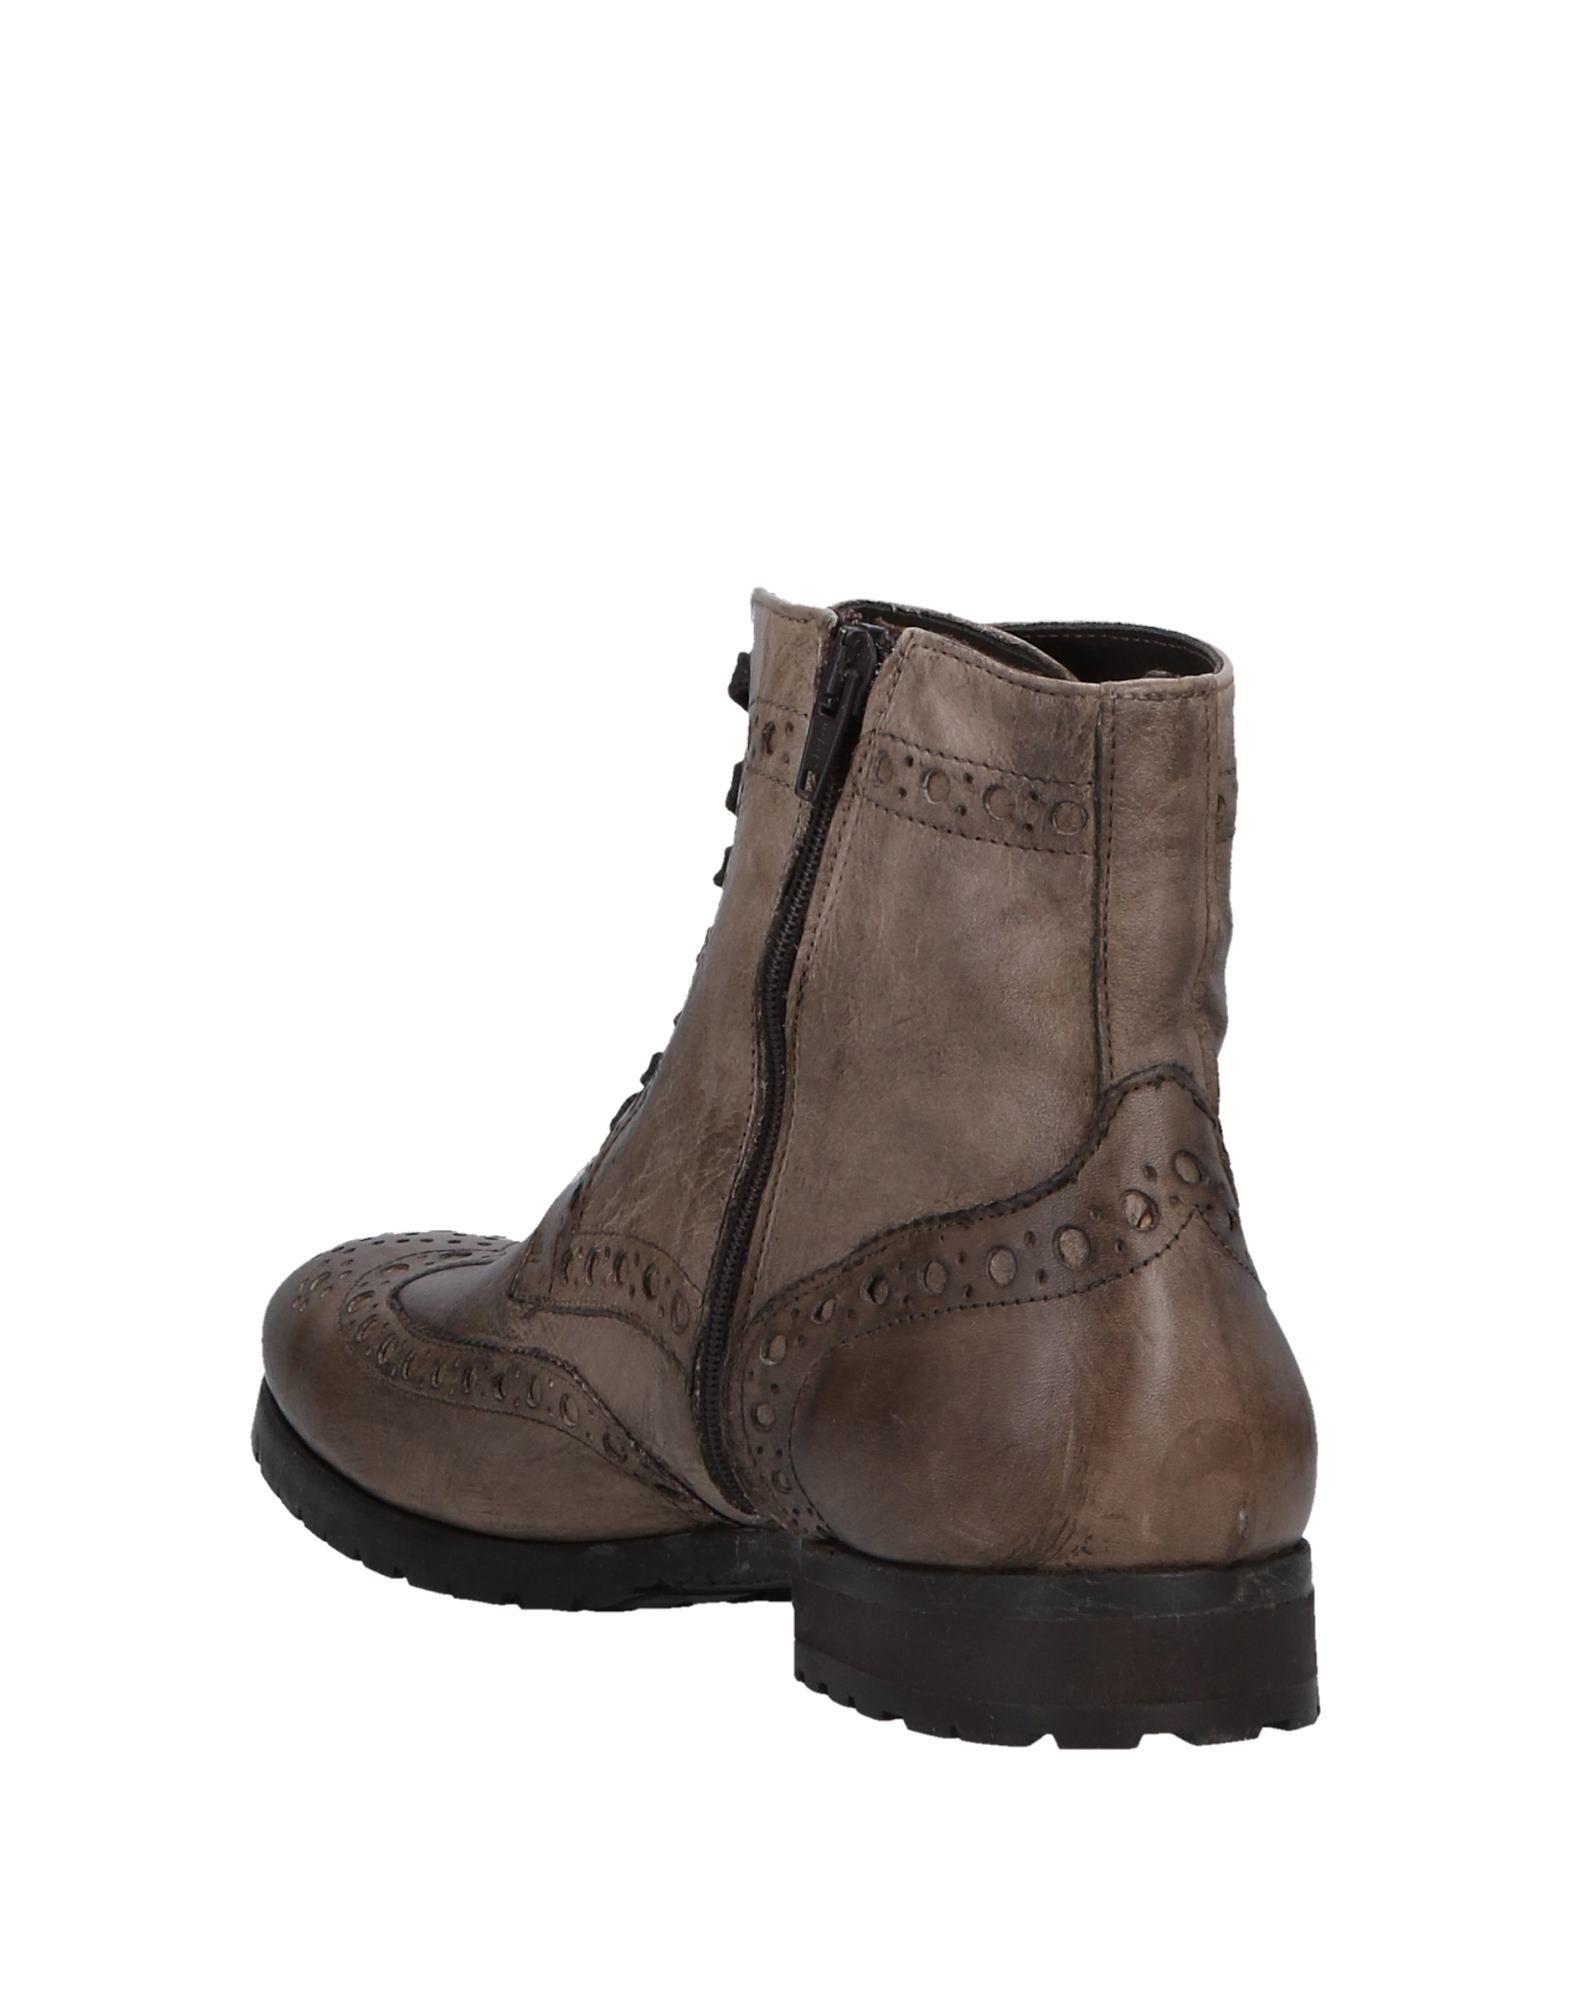 Wexford Stiefelette Gute Damen  11523730KM Gute Stiefelette Qualität beliebte Schuhe e16db6